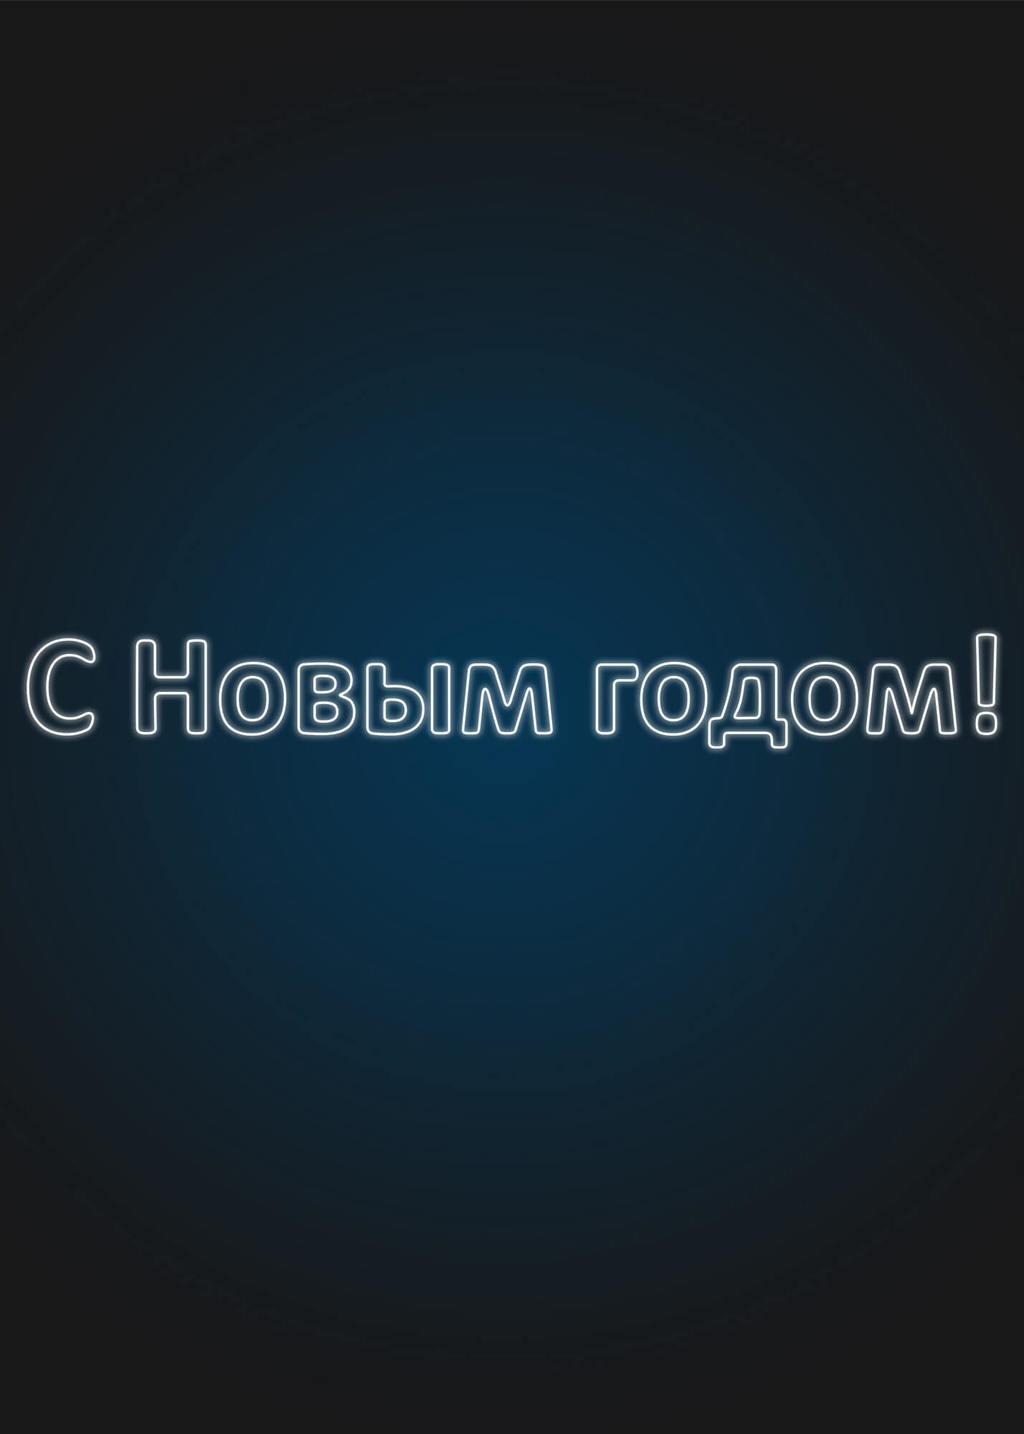 Светодиодная надпись - С НОВЫМ ГОДОМ